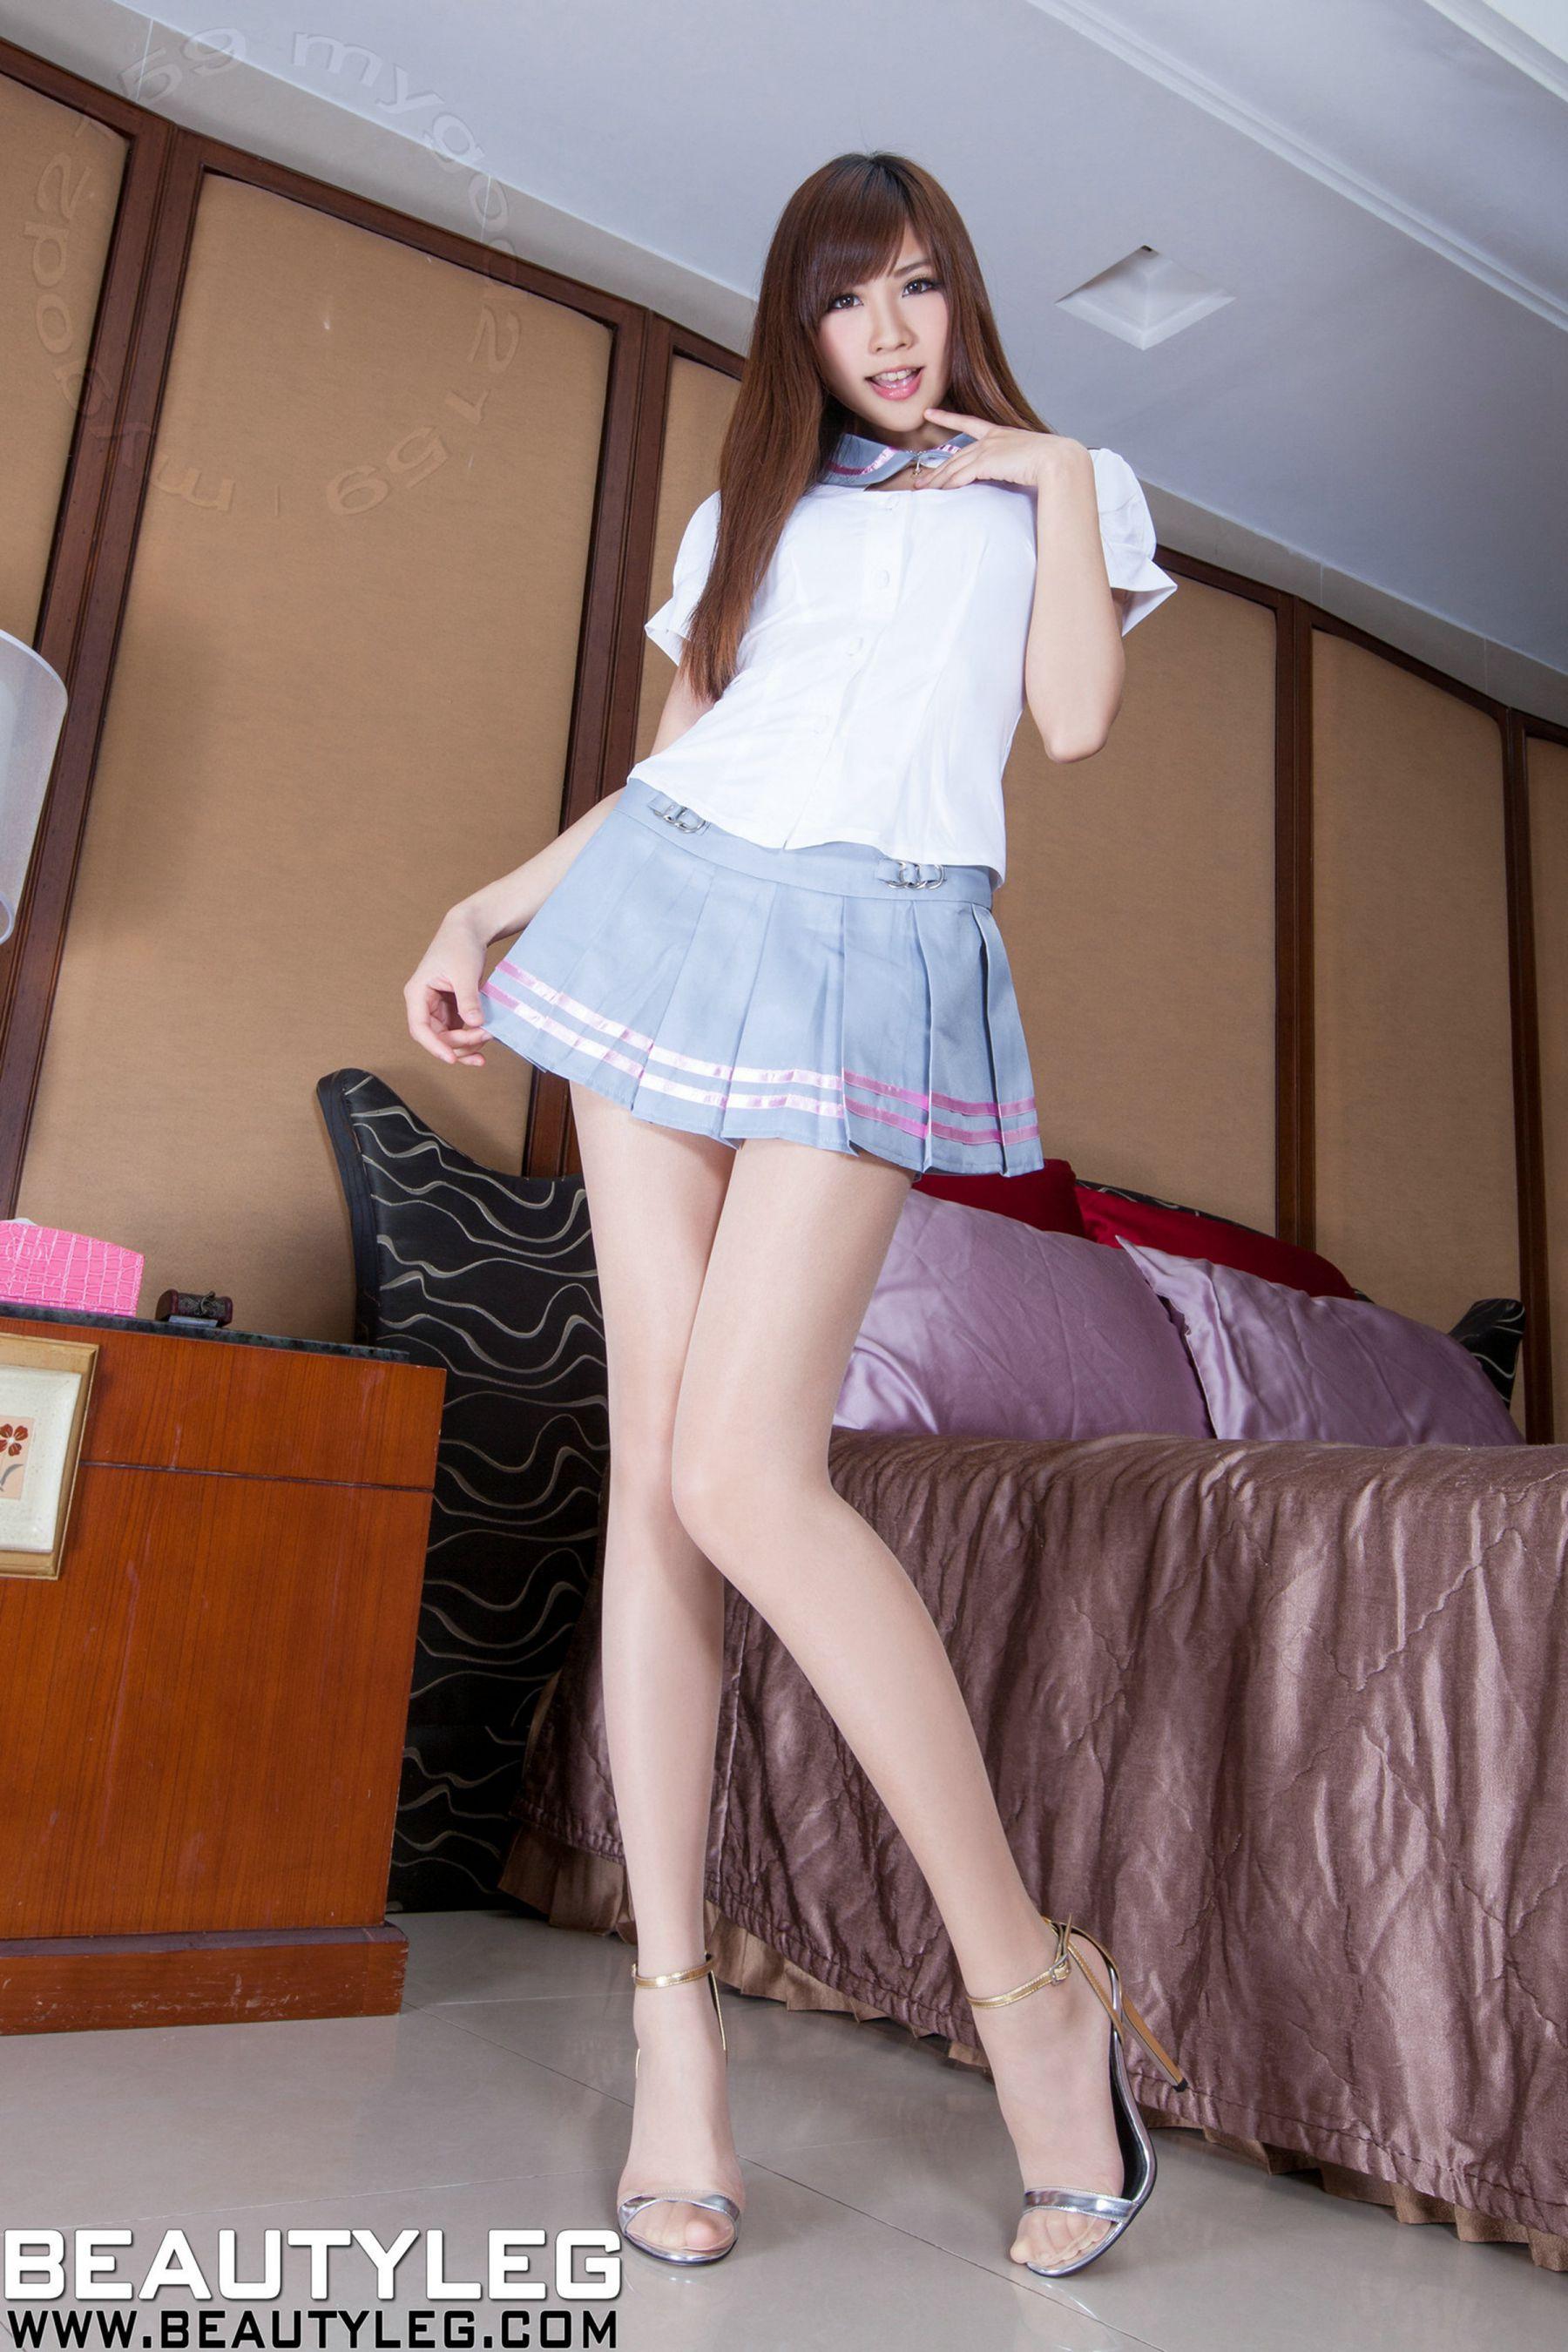 VOL.856 [Beautyleg]长腿美女:张雅筑(腿模Chu,张小筑)高品质写真套图(52P)